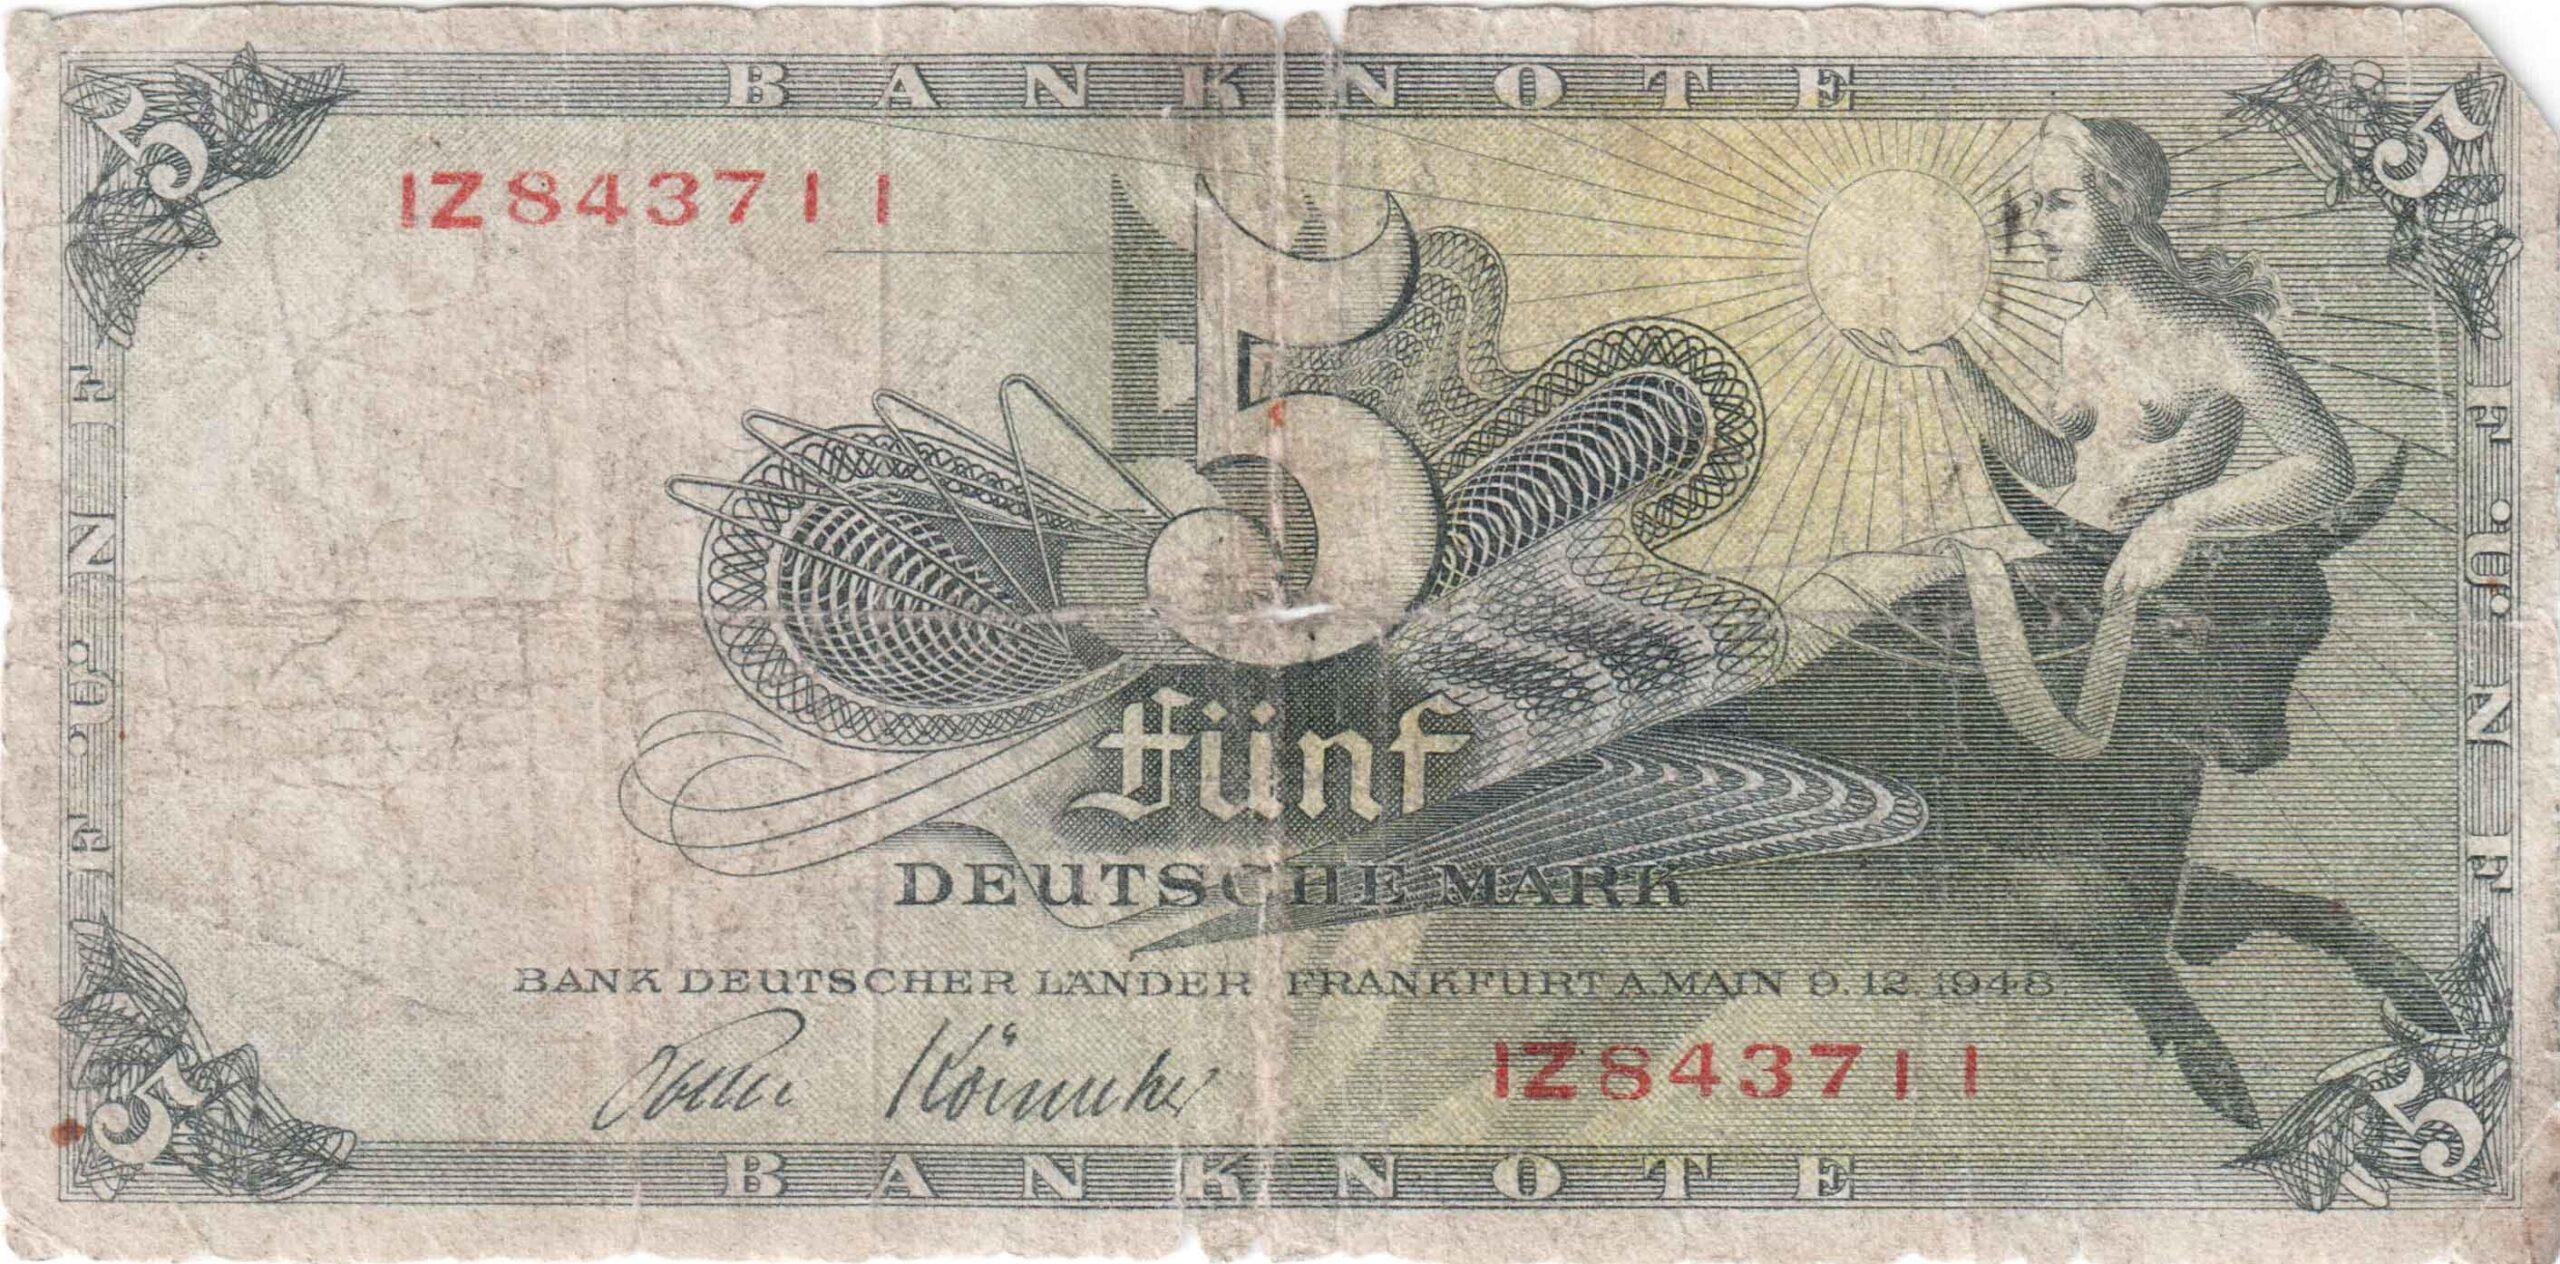 Fünfmarkschein der Bank deutscher Länder von 1948, Ro. 252, Vorderseite